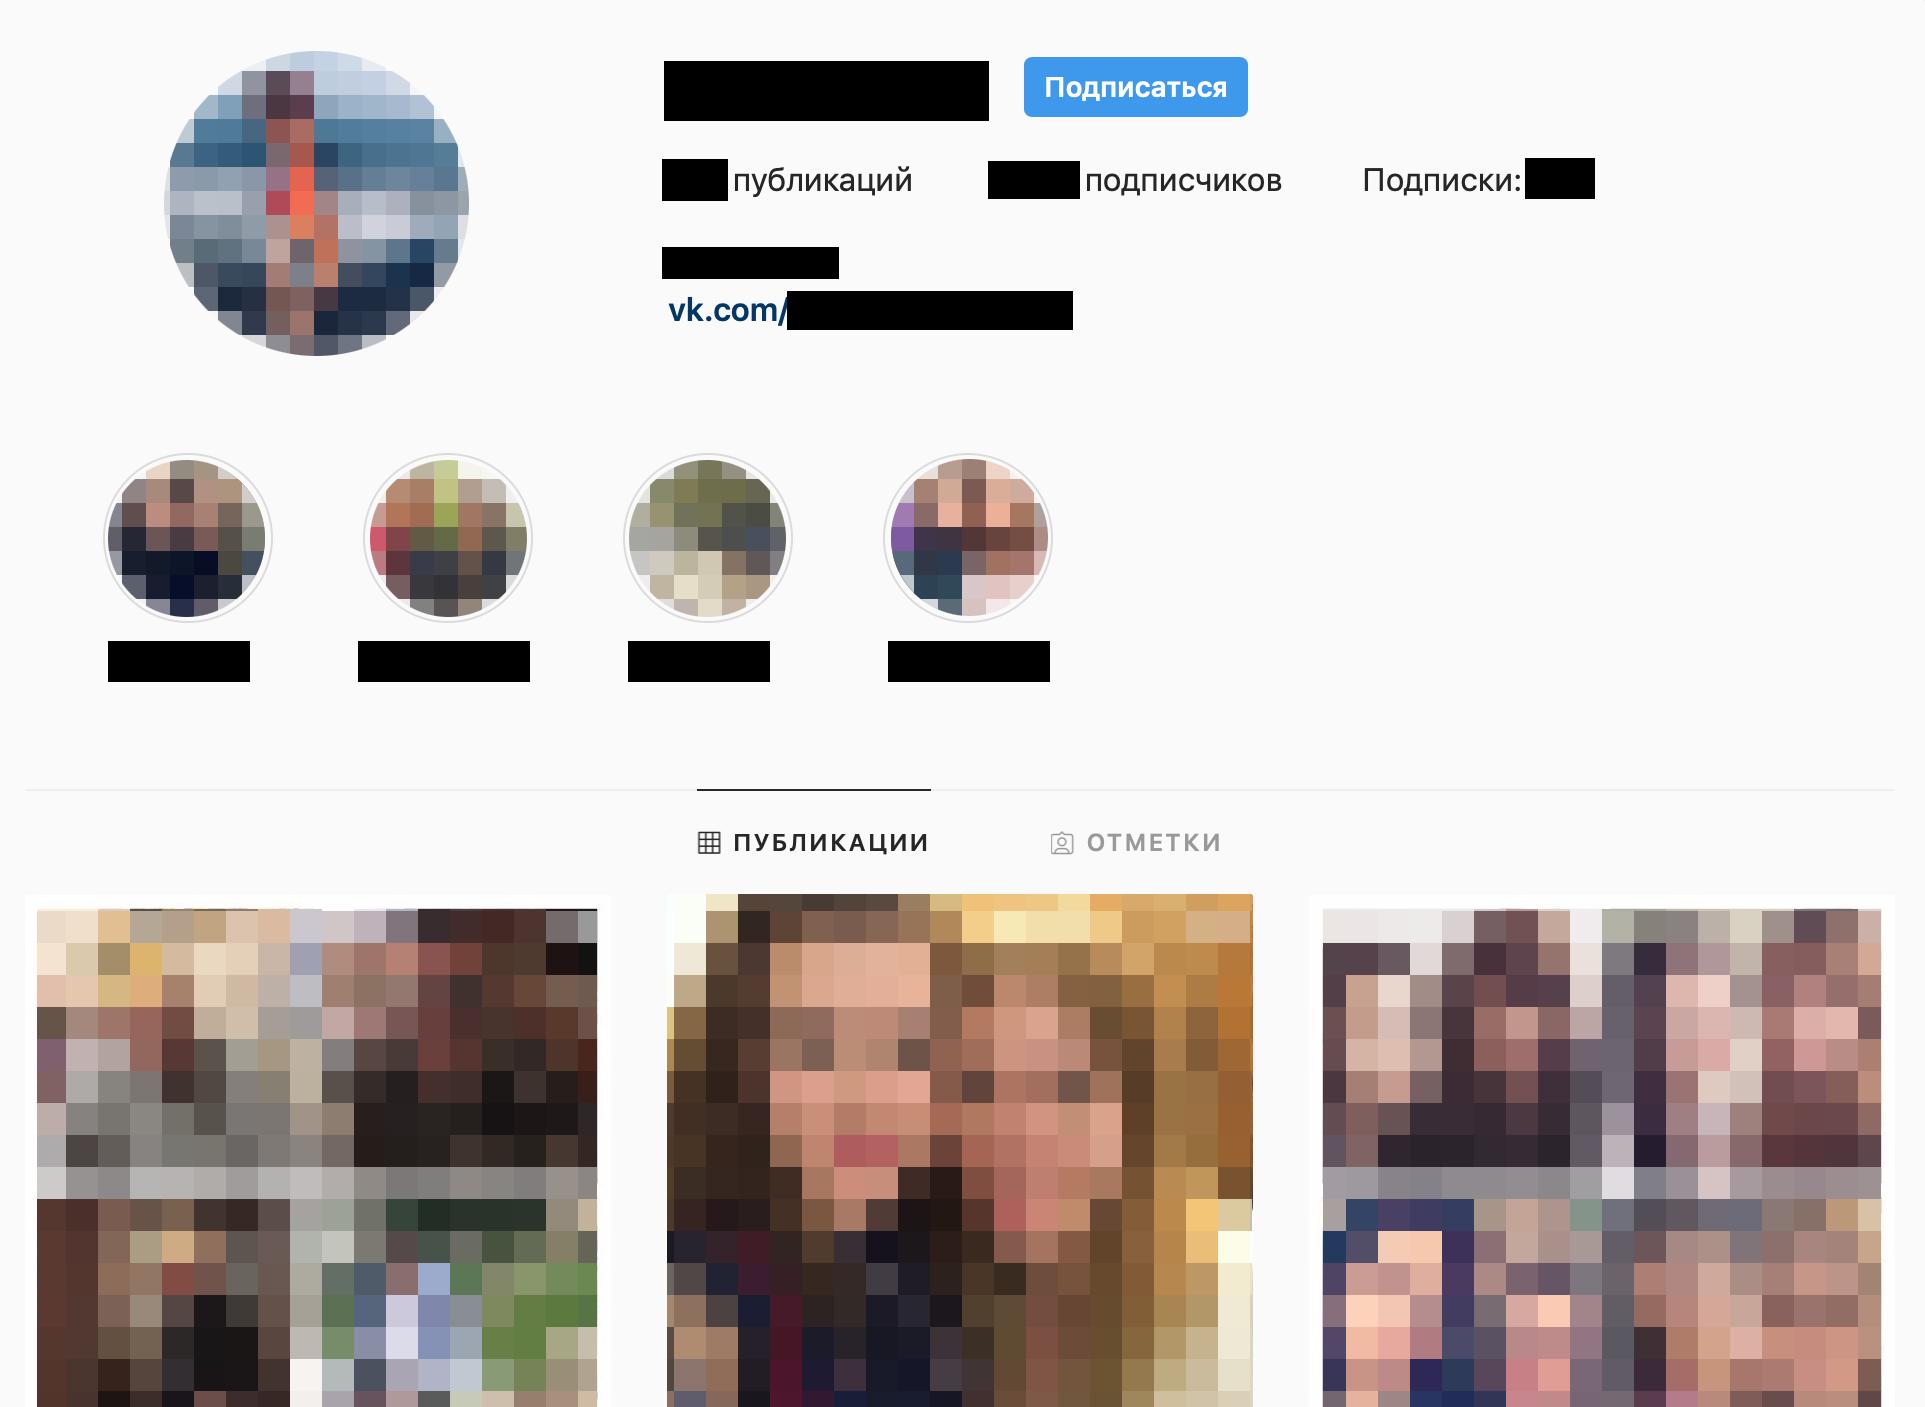 Указана ссылка на профиль во Вконтакте, поэтому Инстаграм появился в результатах поиска